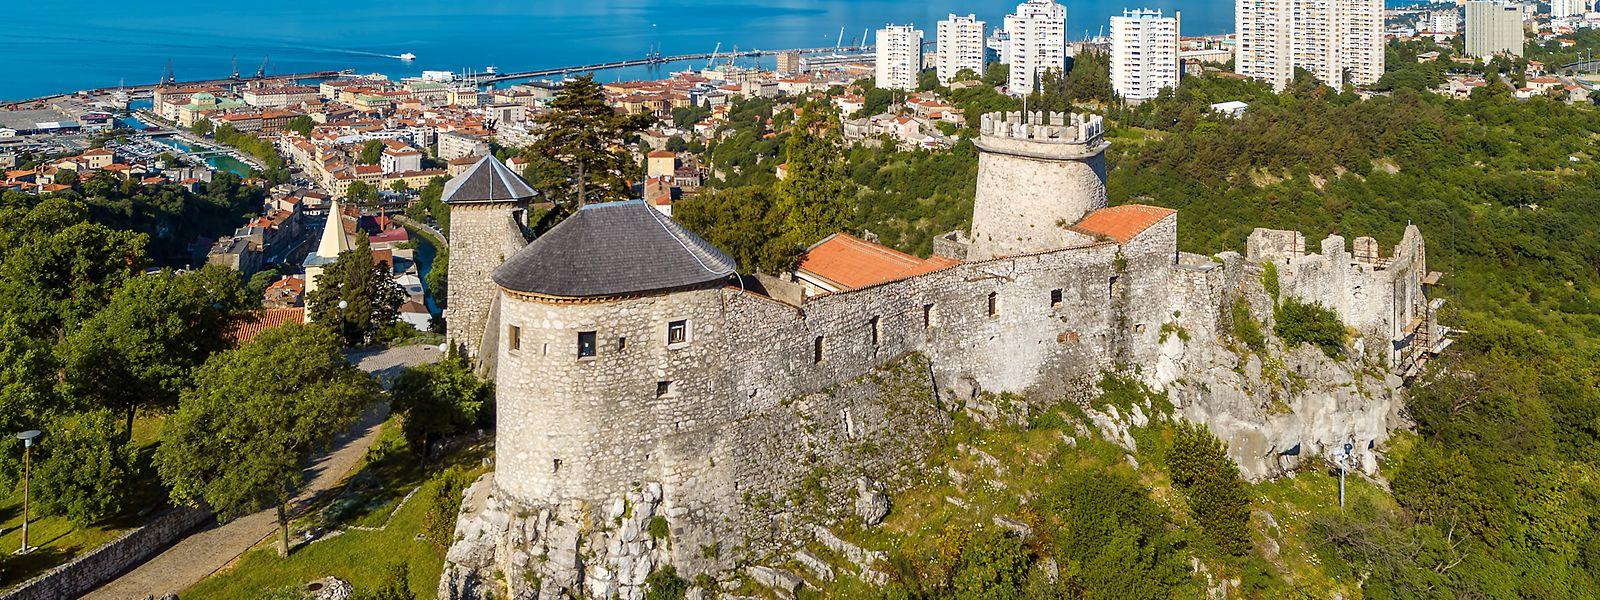 Von der Burg Trsat soll Plänen zufolge eine Zipline hinunter in Richtung Wasser starten.